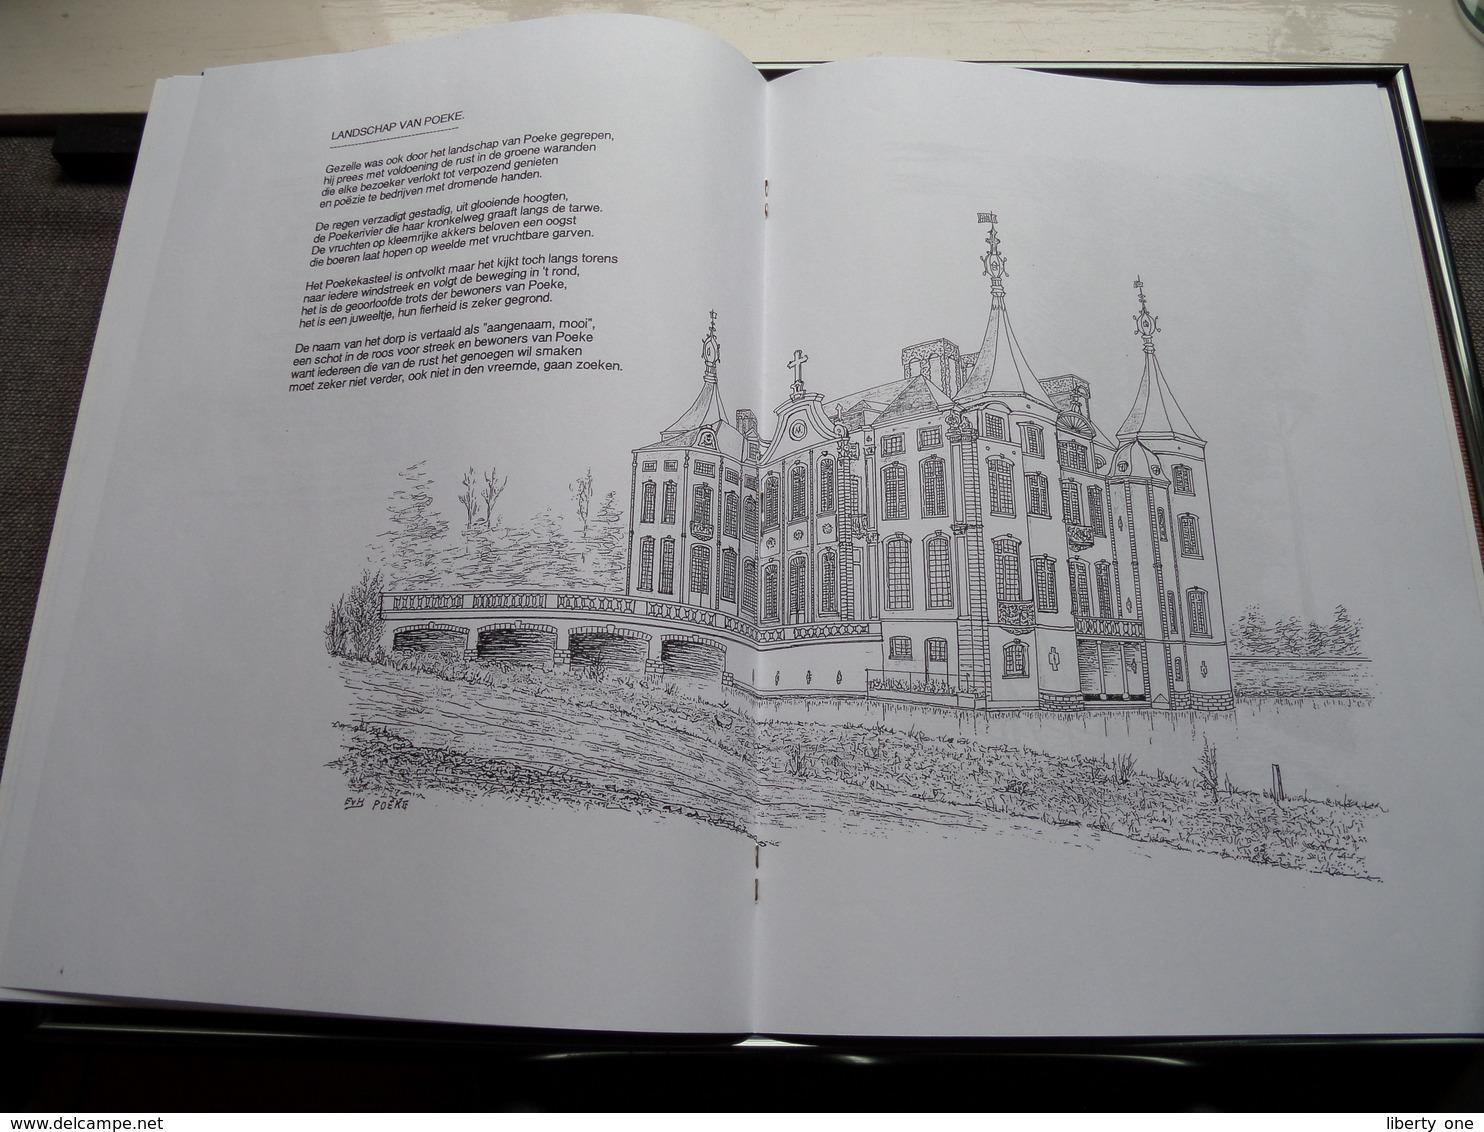 't GULDEN MEETJESLAND - Gedichten En Tekeningen Van ERNEST VAN HERCK ( Druk 2de Brochure Van Herck ERTVELDE ) ! - Poetry